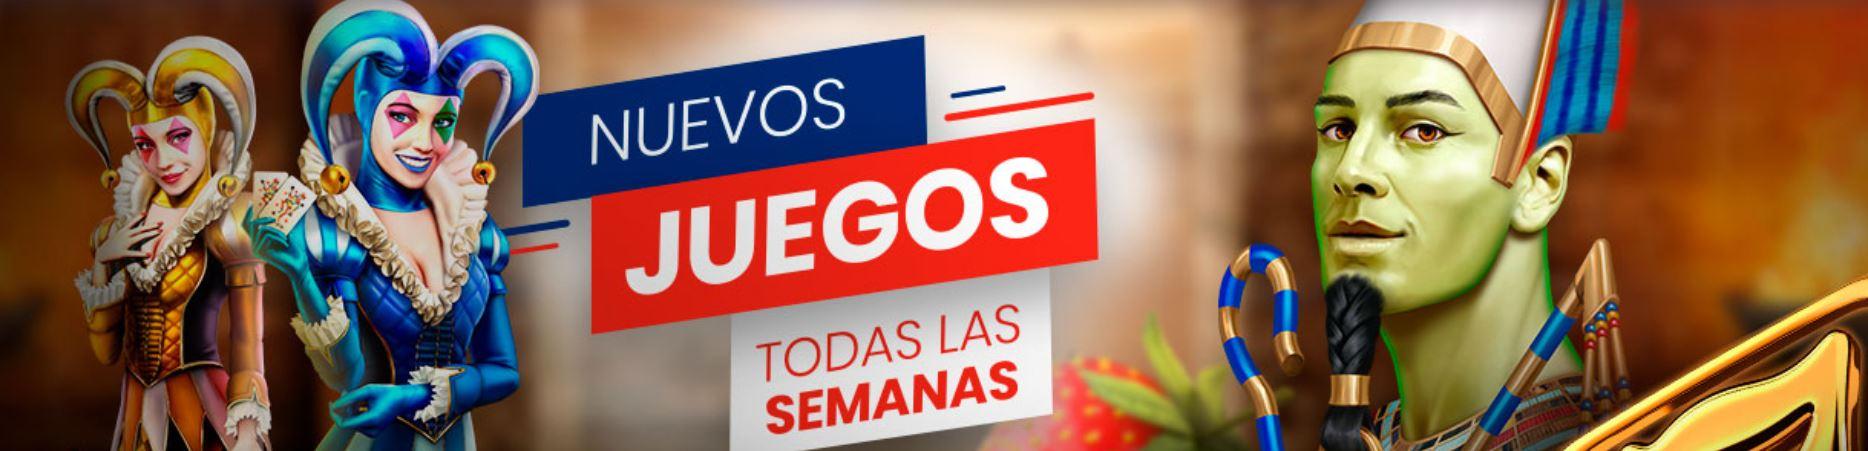 Existen juegos semanales en las tragaperras españolas